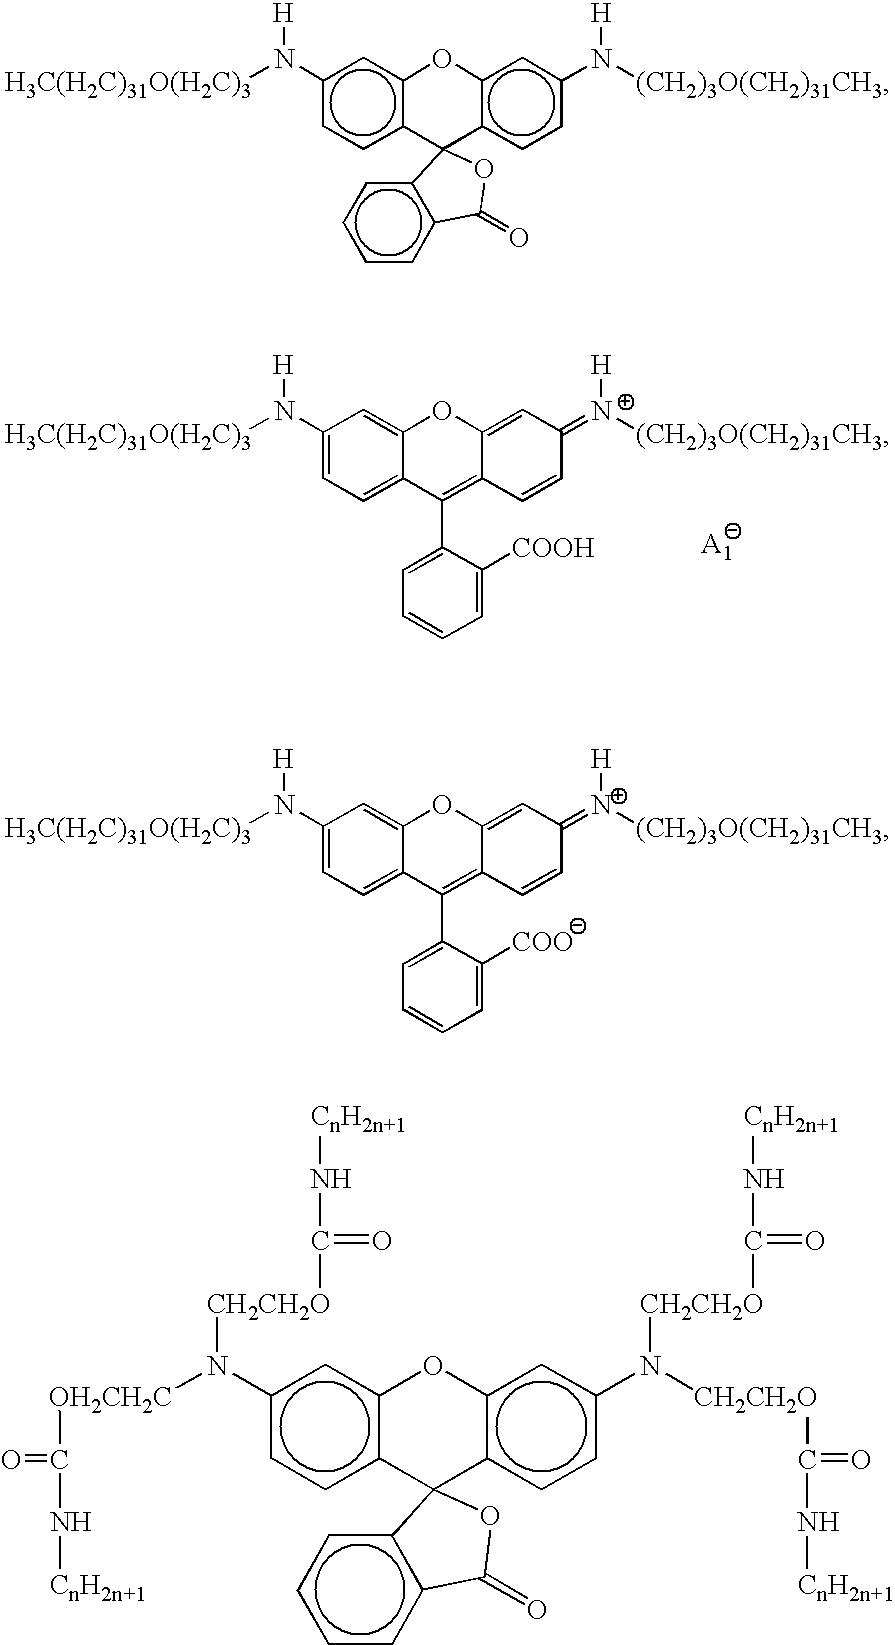 Figure US07311767-20071225-C00283